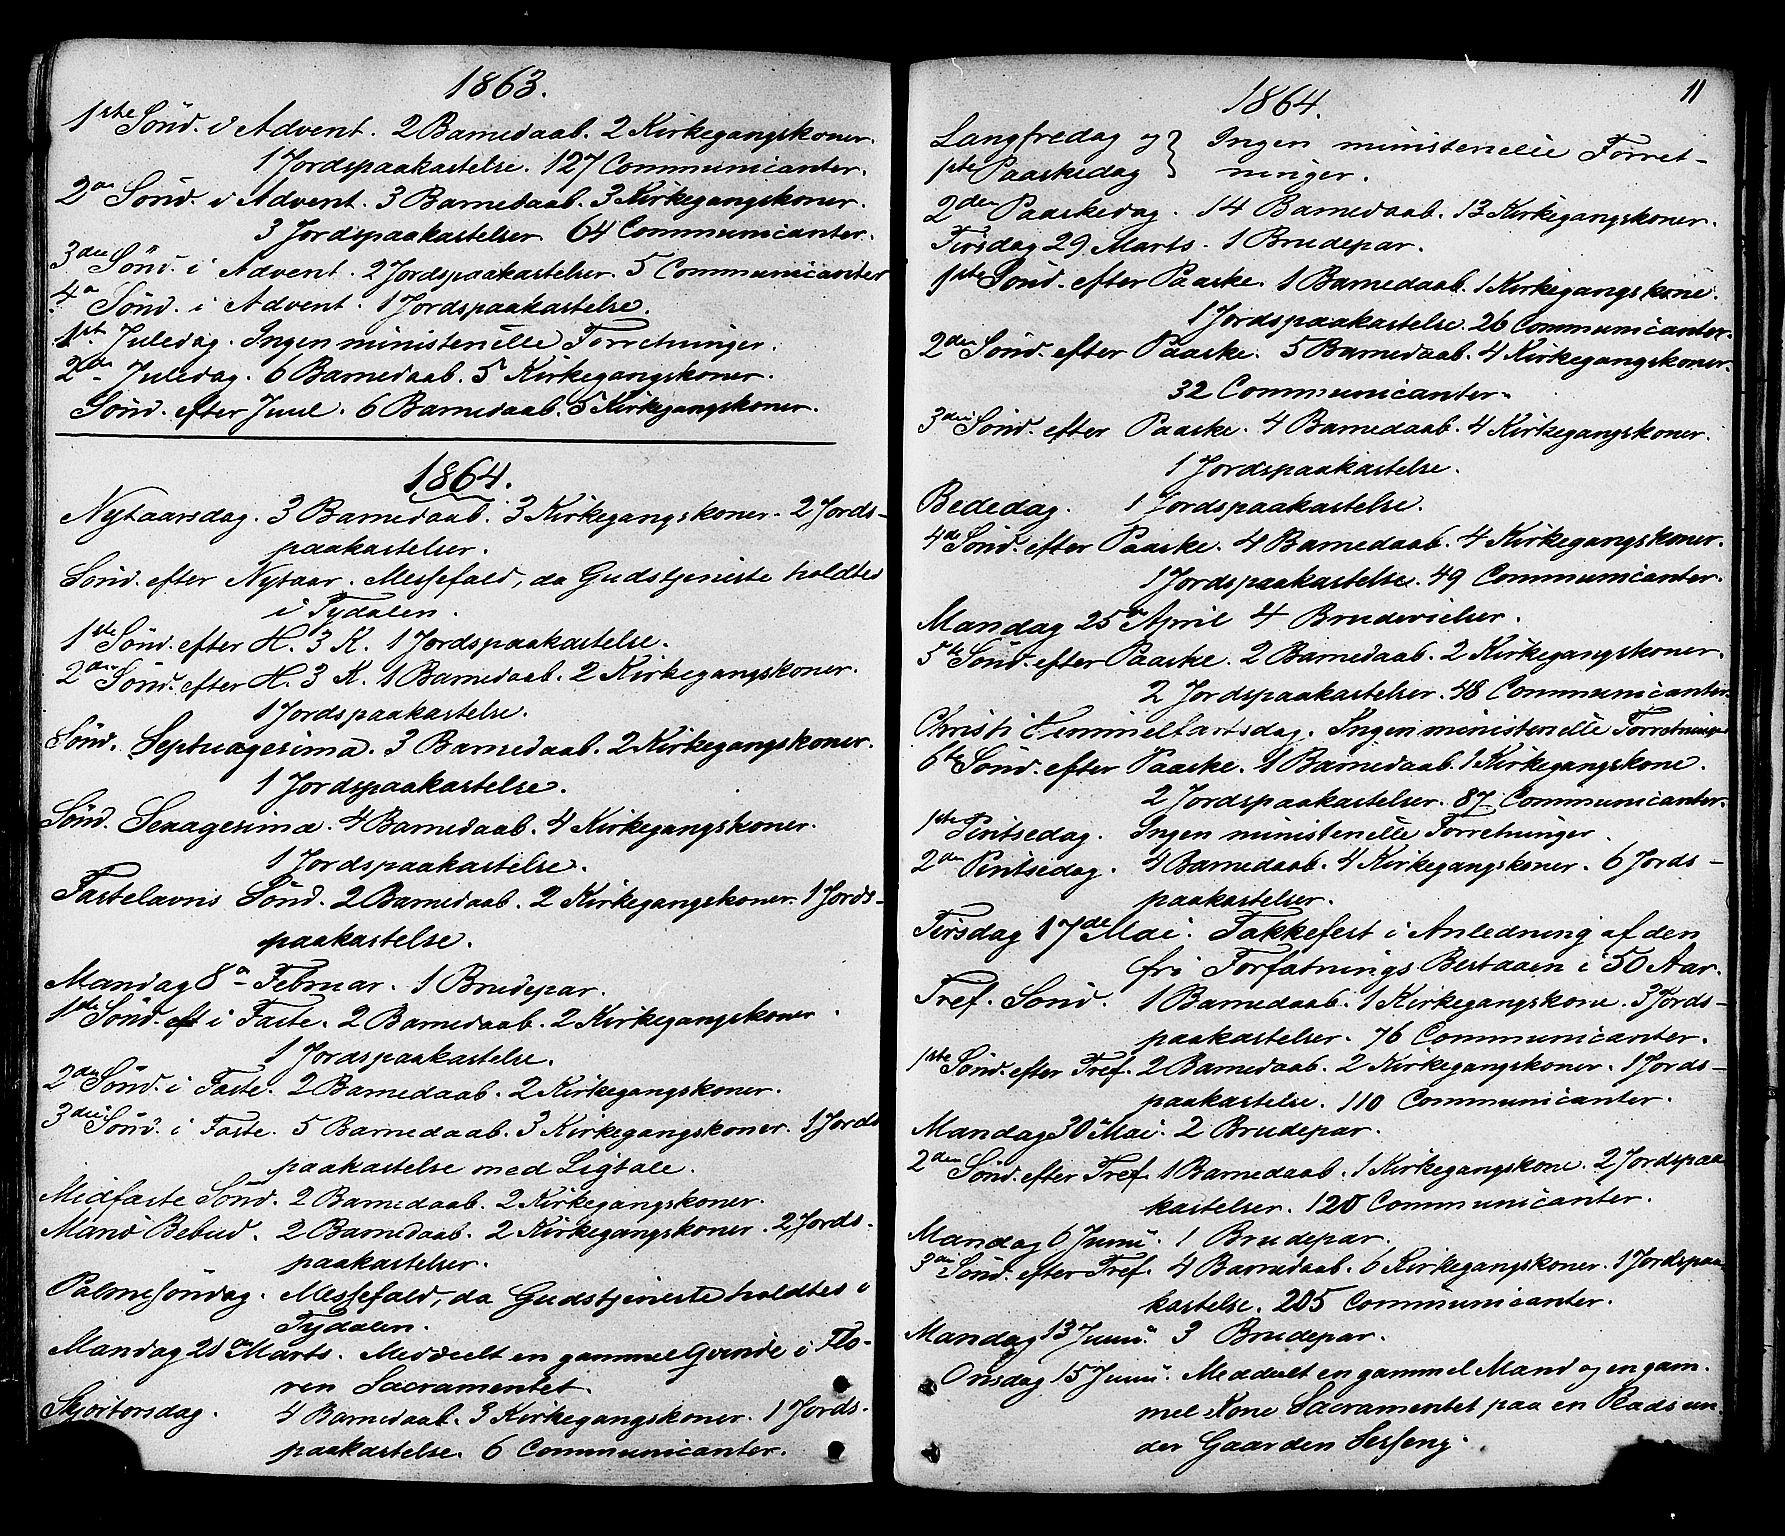 SAT, Ministerialprotokoller, klokkerbøker og fødselsregistre - Sør-Trøndelag, 695/L1147: Ministerialbok nr. 695A07, 1860-1877, s. 11